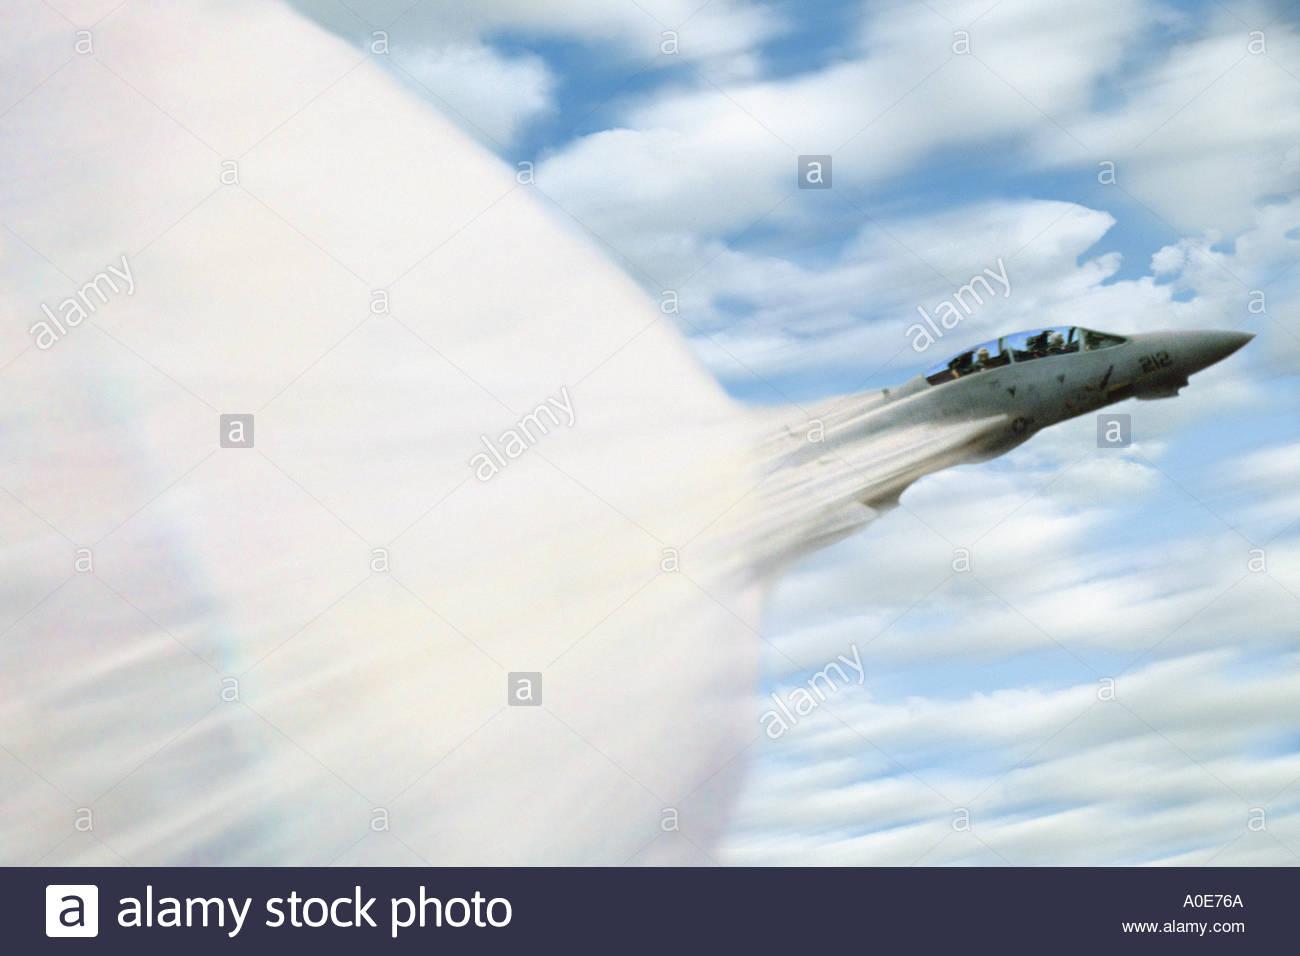 Mach 1, la marina degli Stati Uniti F-14 Tomcat aeromobile jet rompere la barriera del suono a 500 piedi sopra l'Oceano Pacifico Immagini Stock